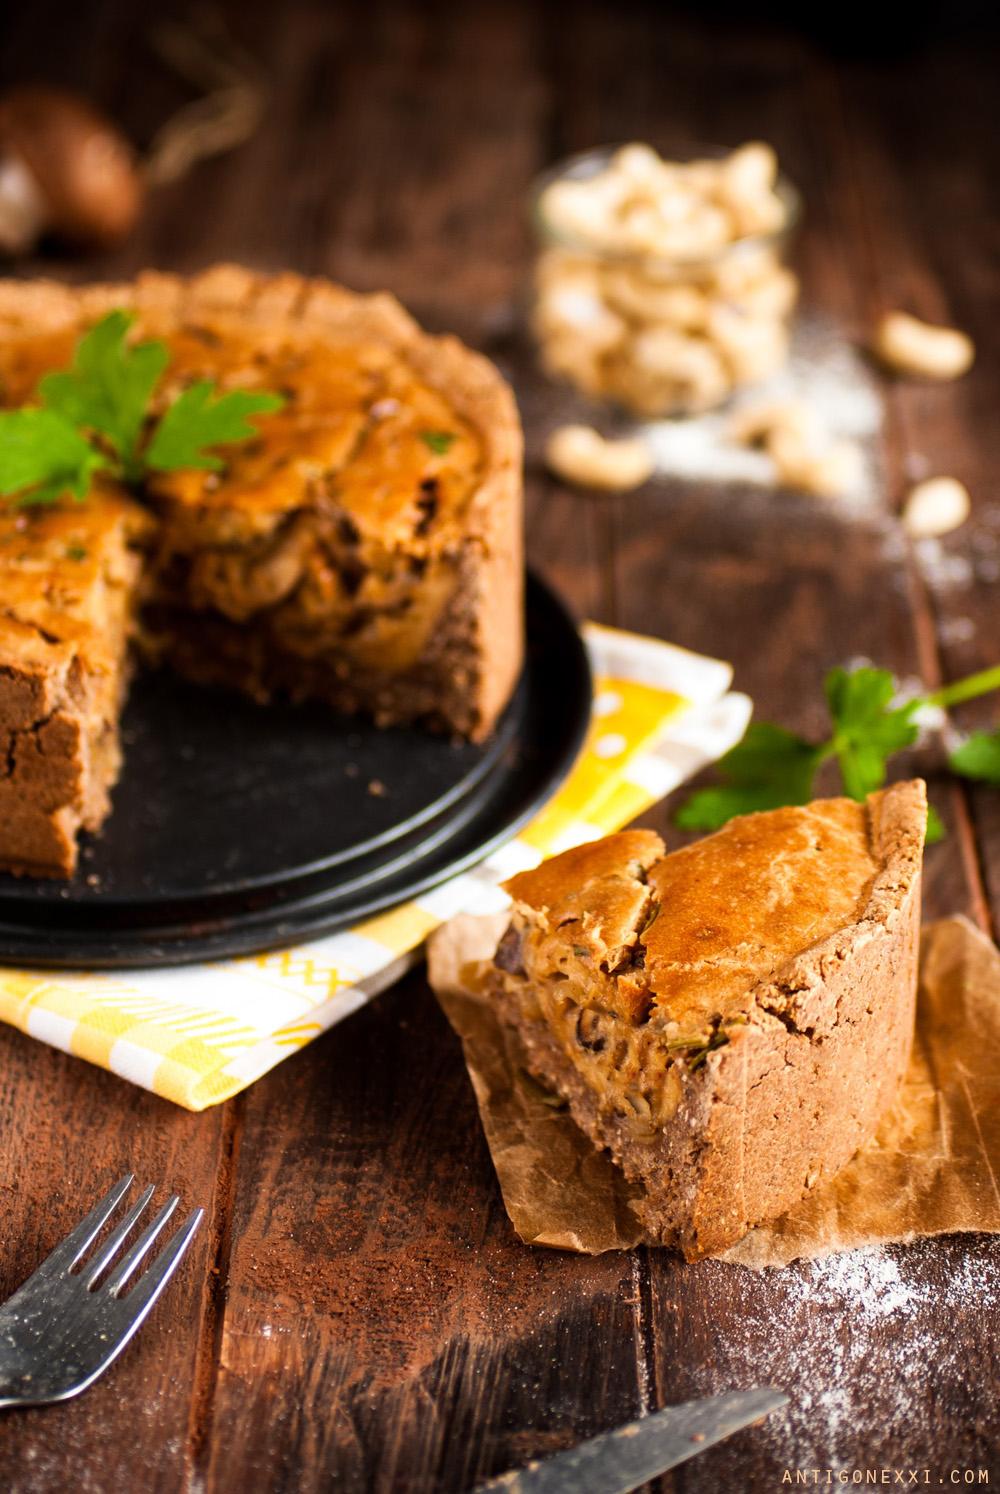 Une délicieuse quiche au fromage #vegan et #sansgluten ! Idéale pour les piques-niques !| antigone21.com